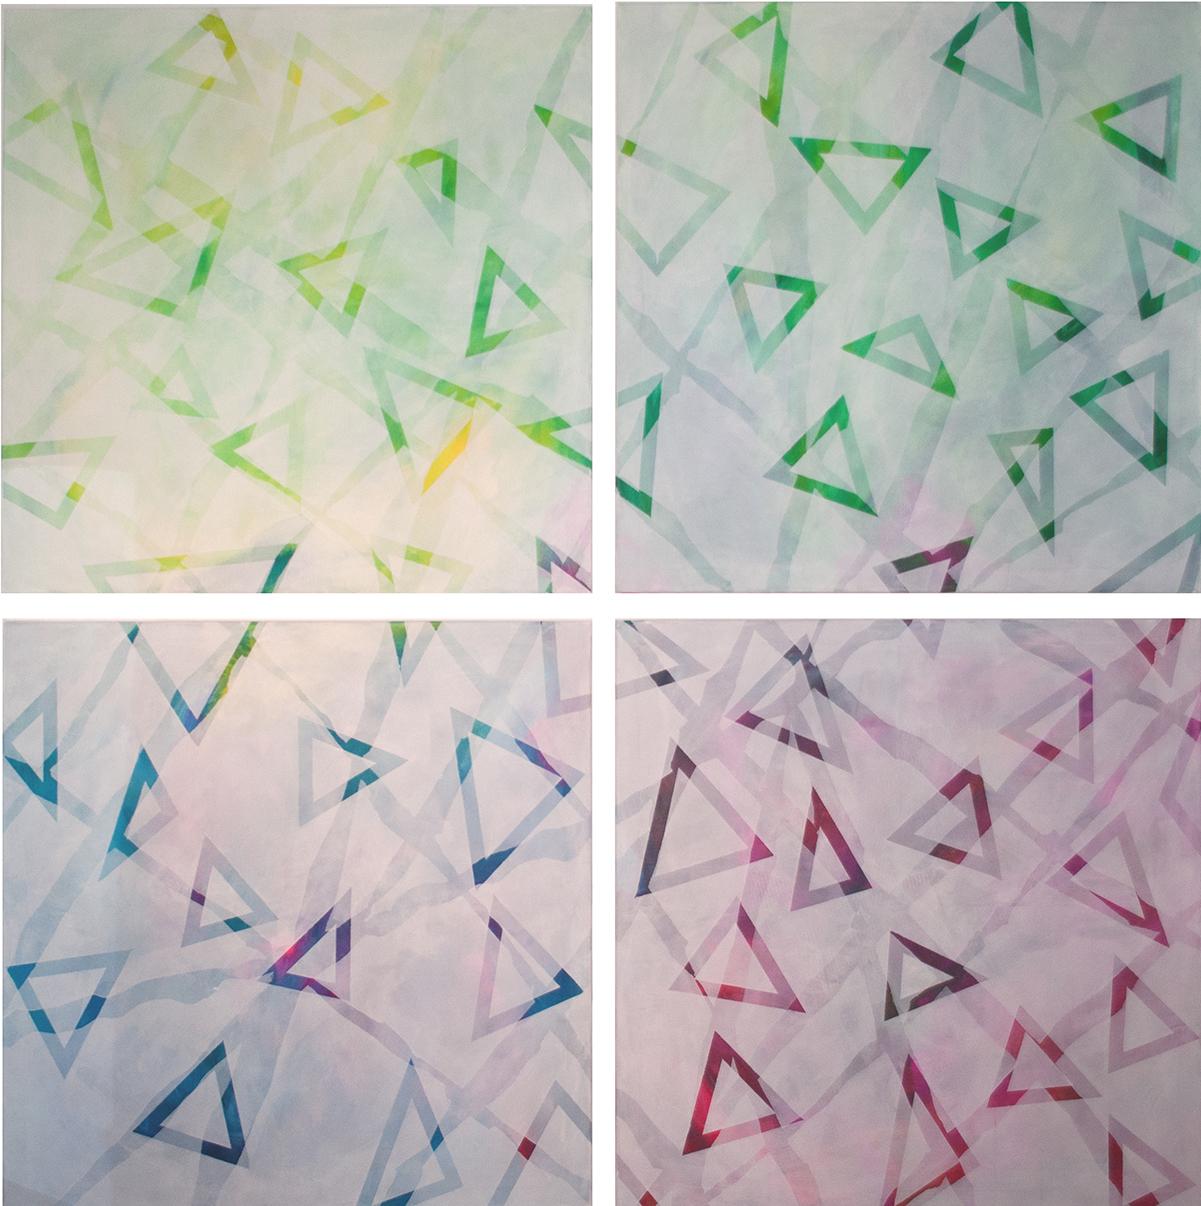 judithvaleria-geometrische Abstraktionen-Acryl auf Papier-je 100x100-eine art selbstportrait-Version 2